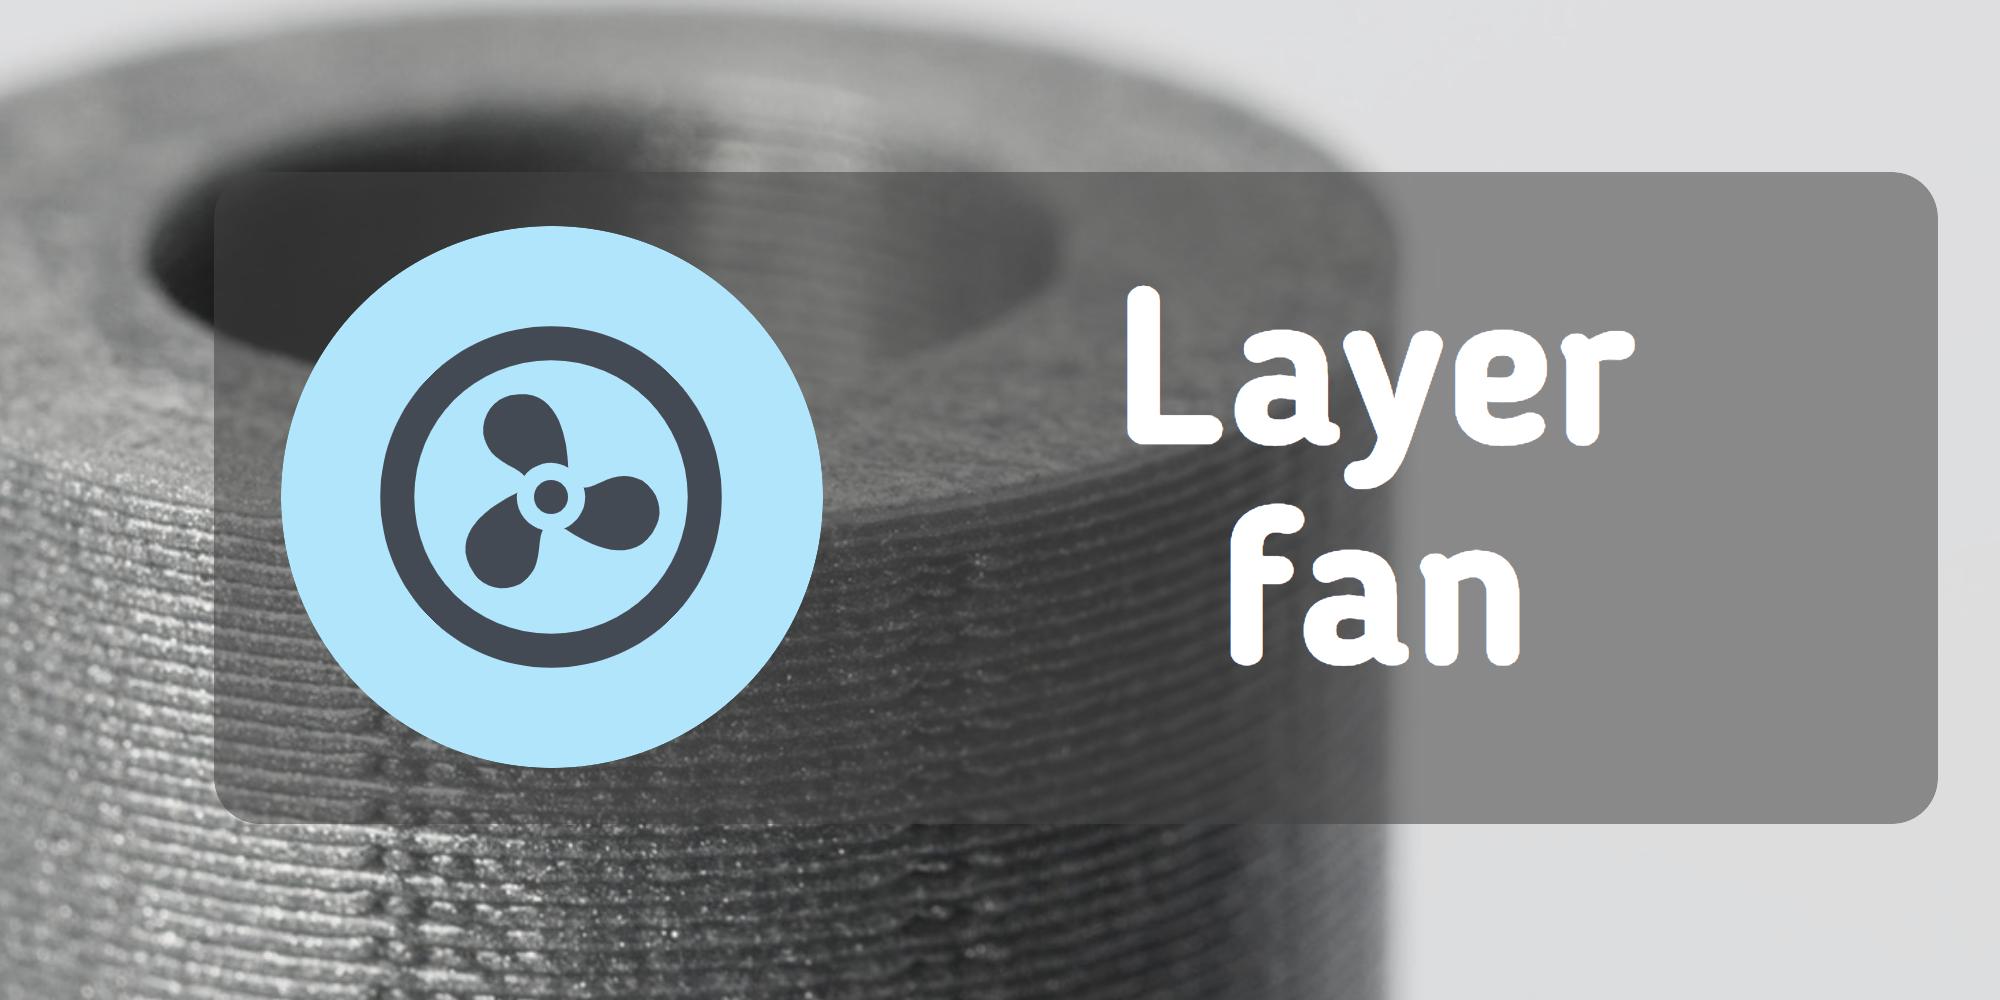 Layer fan